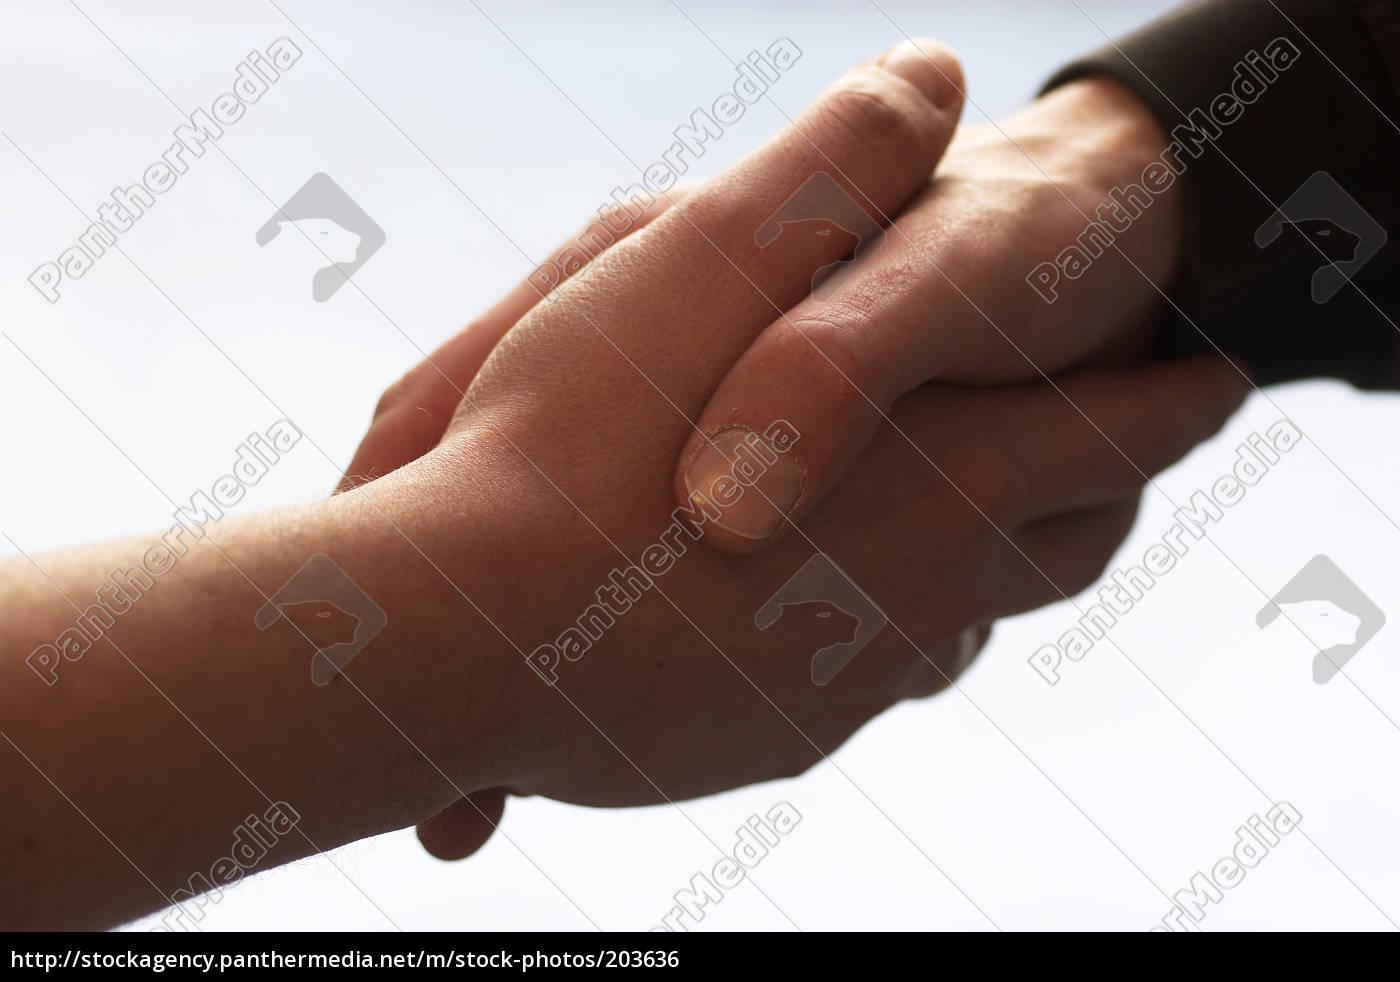 handshake - 203636